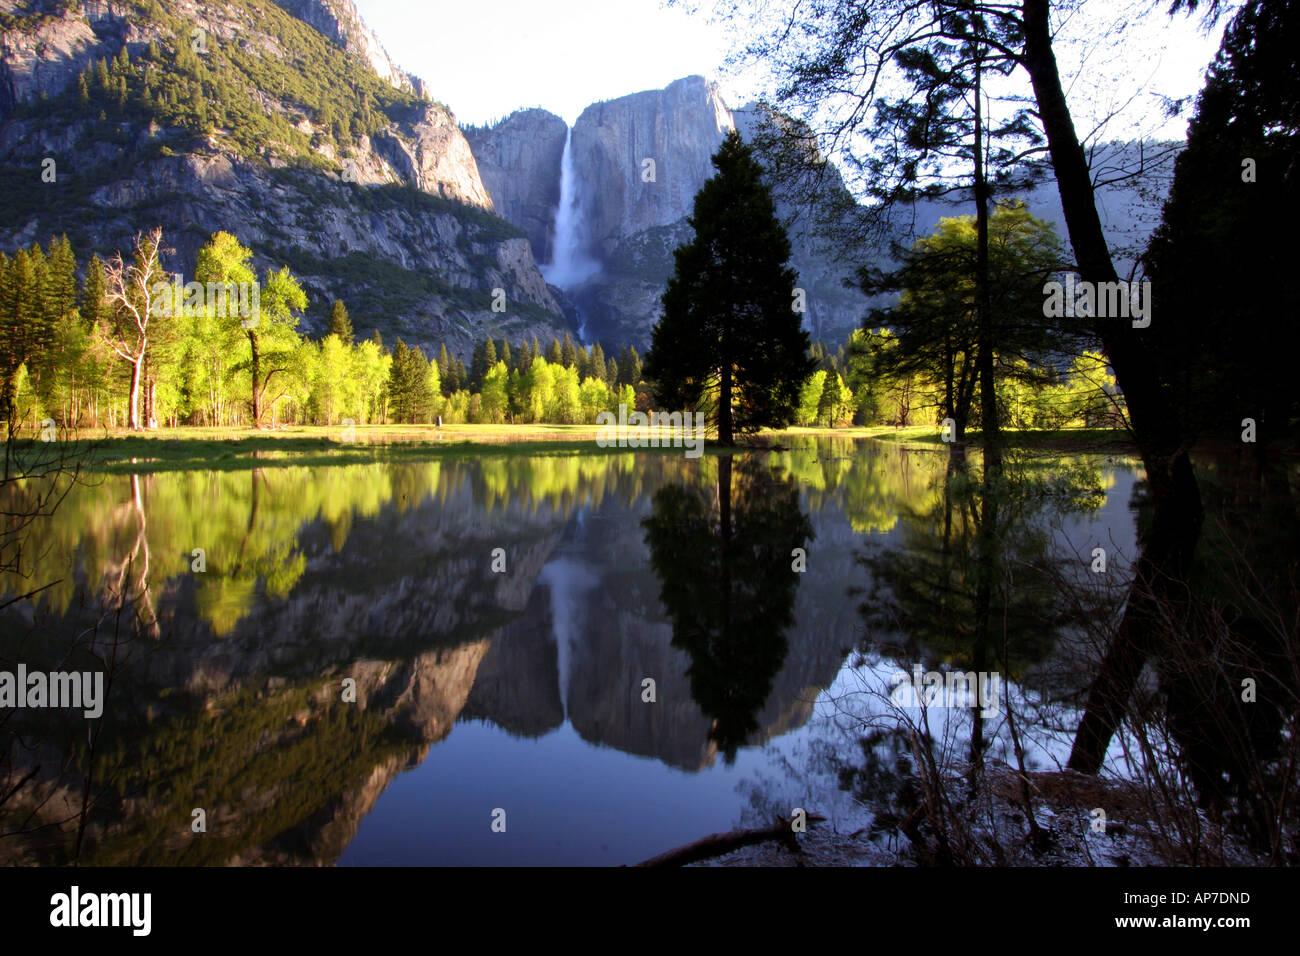 Cataratas de Yosemite reflexión, el parque nacional Yosemite Foto de stock